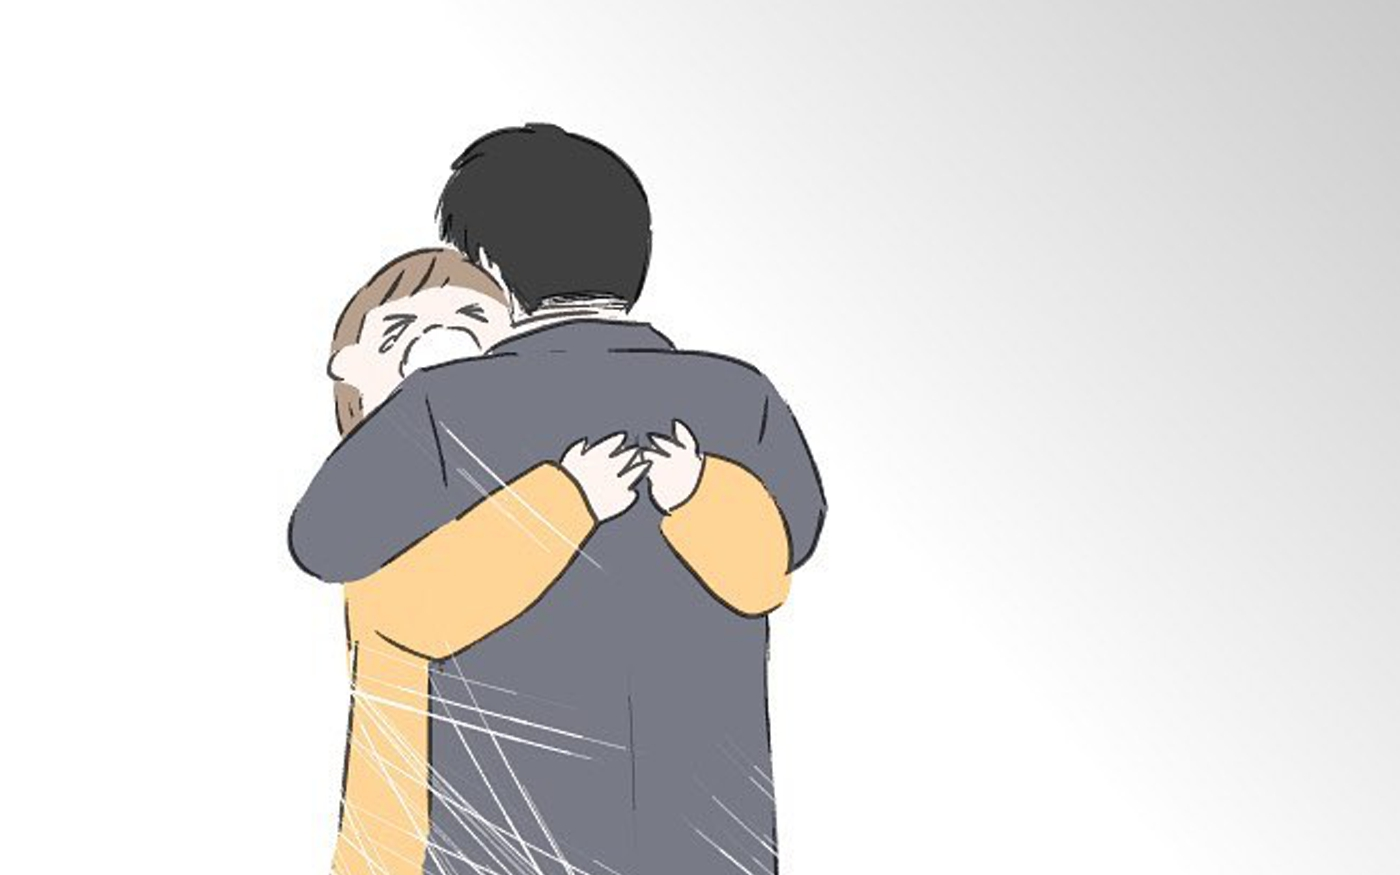 流産し泣く私を支えてくれたパパ、しかし家に帰ると…